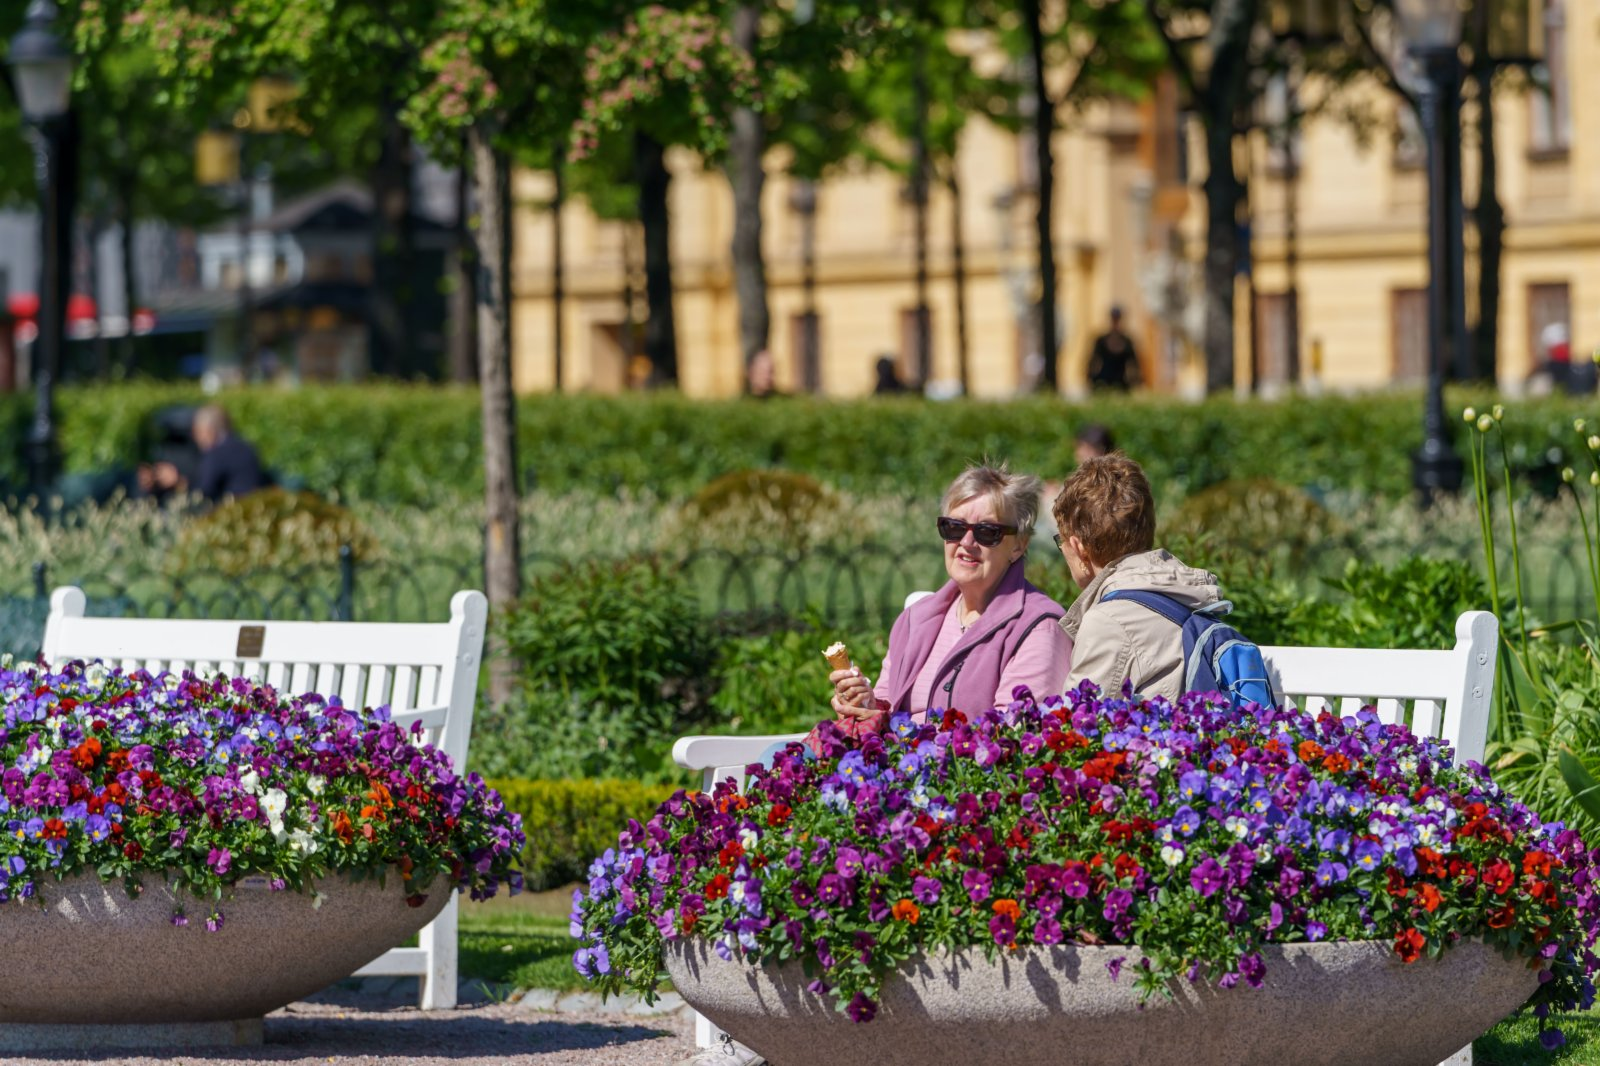 6月1日,人們在瑞典斯德哥爾摩一處公園的長椅上交談。(新華社)